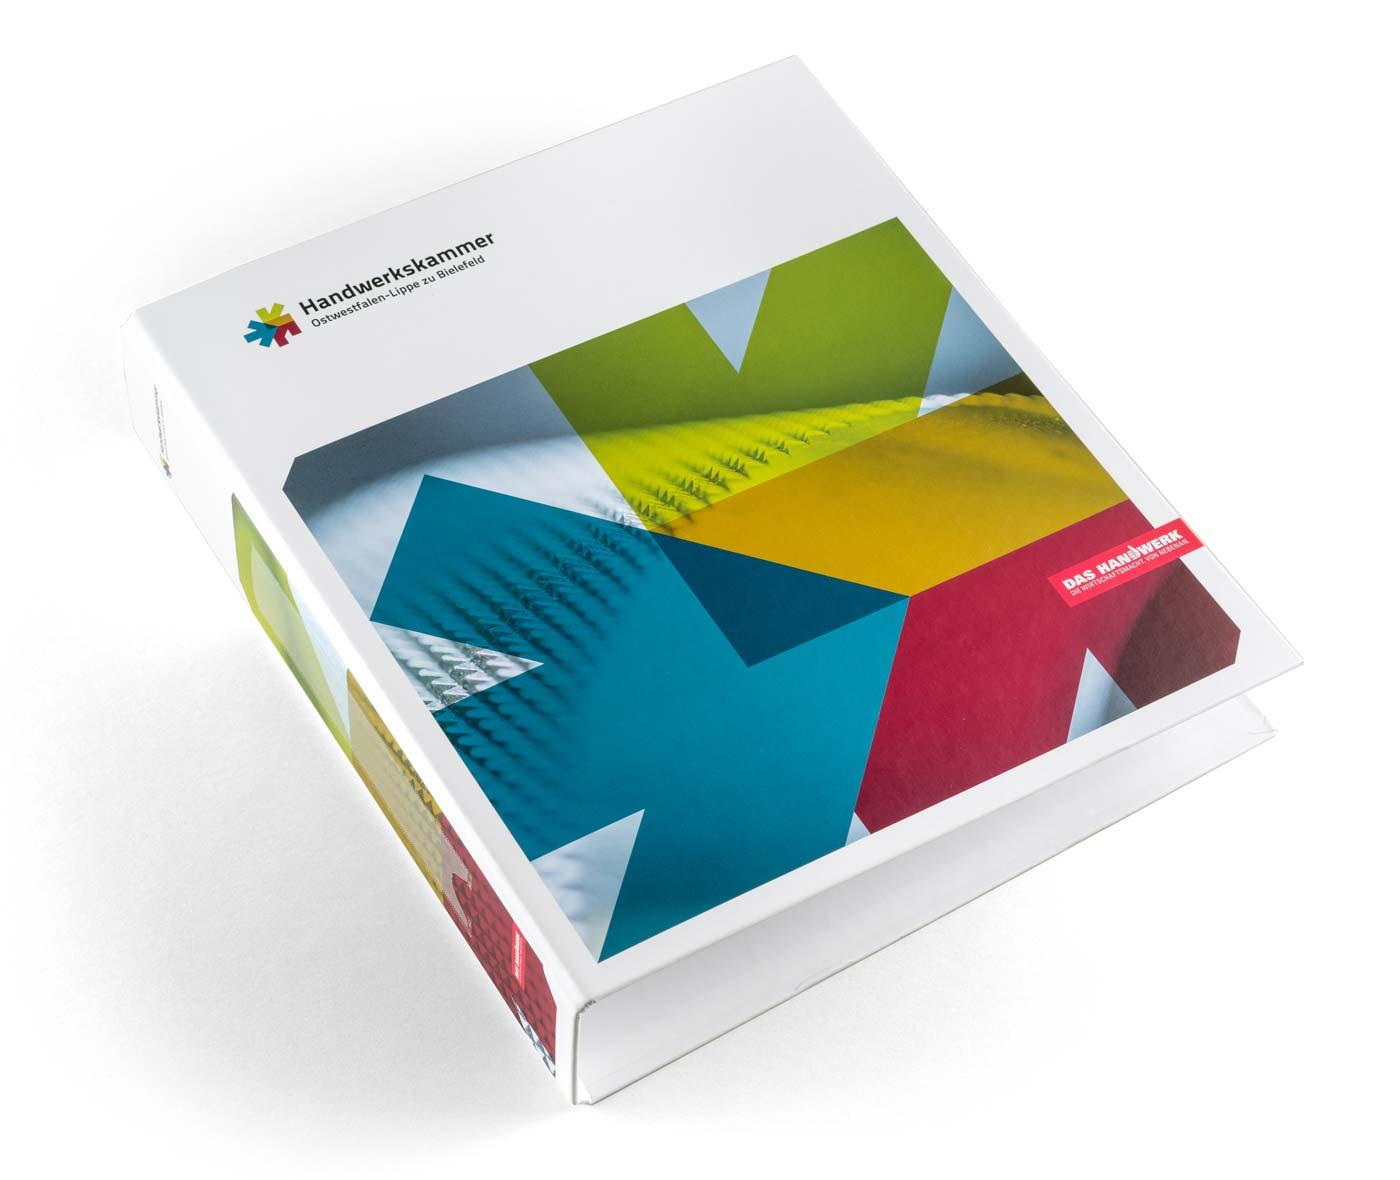 Corporate Design Handwerkskammer Ostwestfalen-Lippe zu Bielefeld